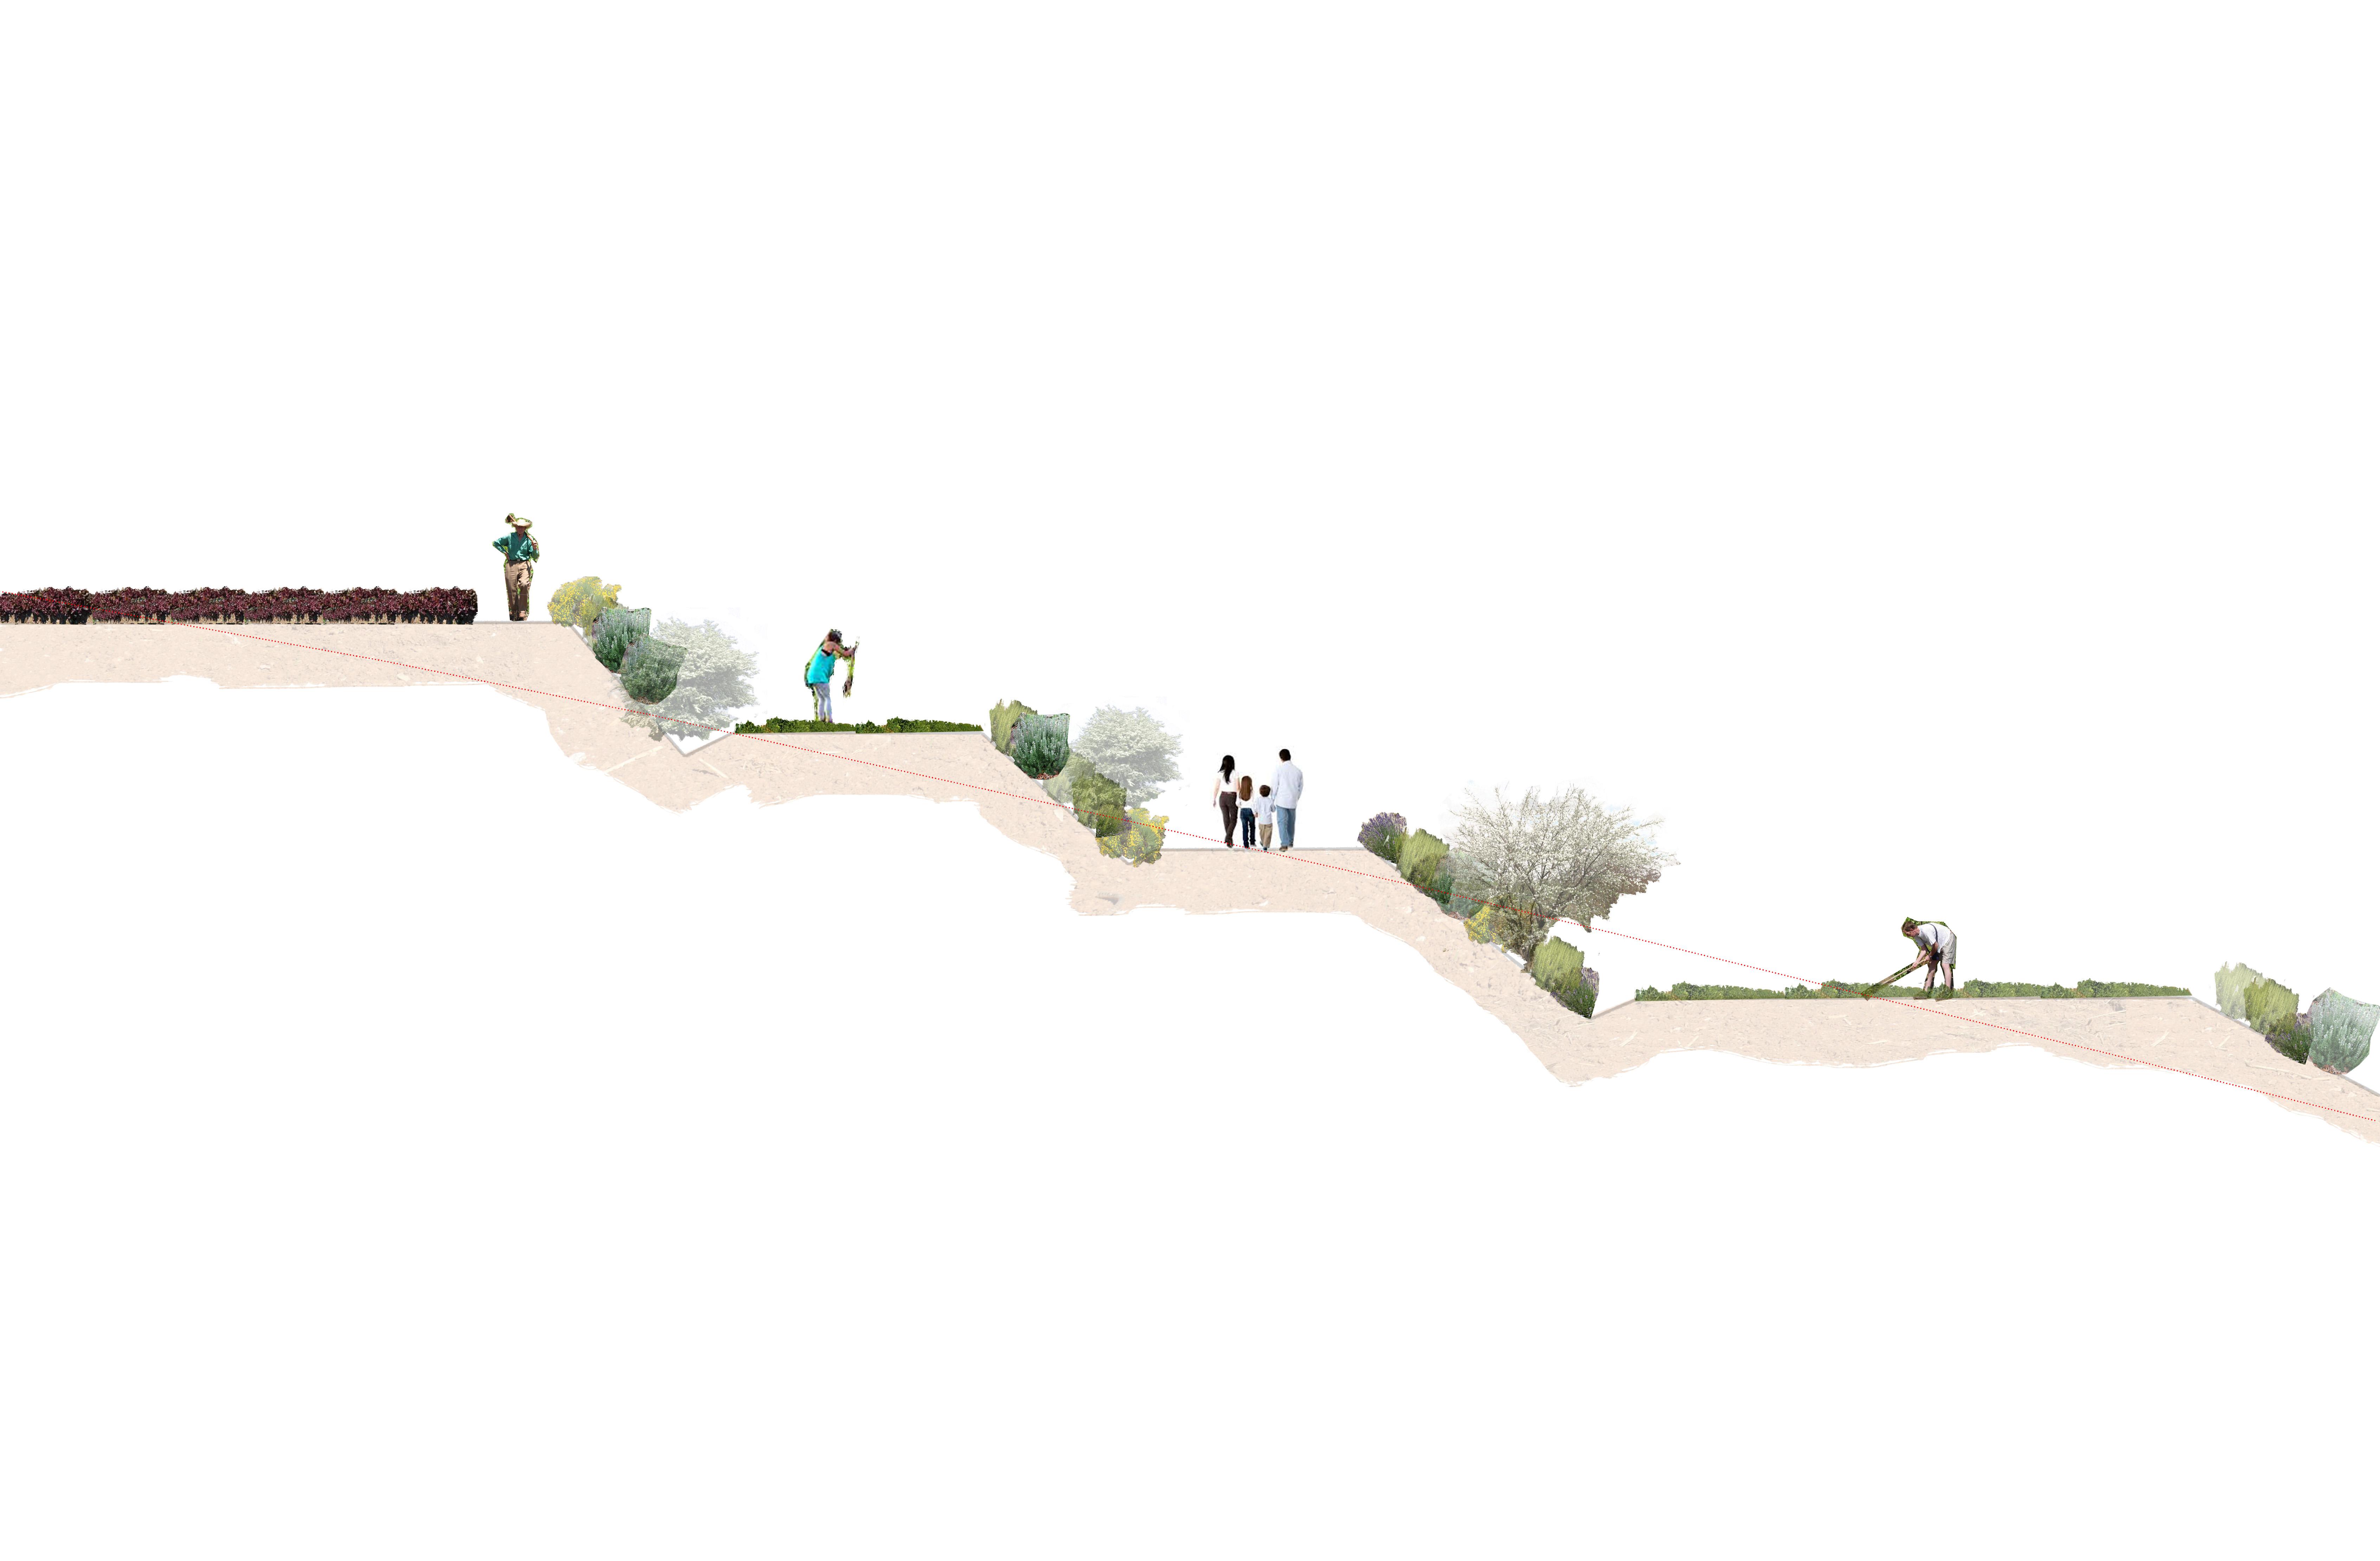 sección_para_evolución_de_veg_taludes_can_montllor